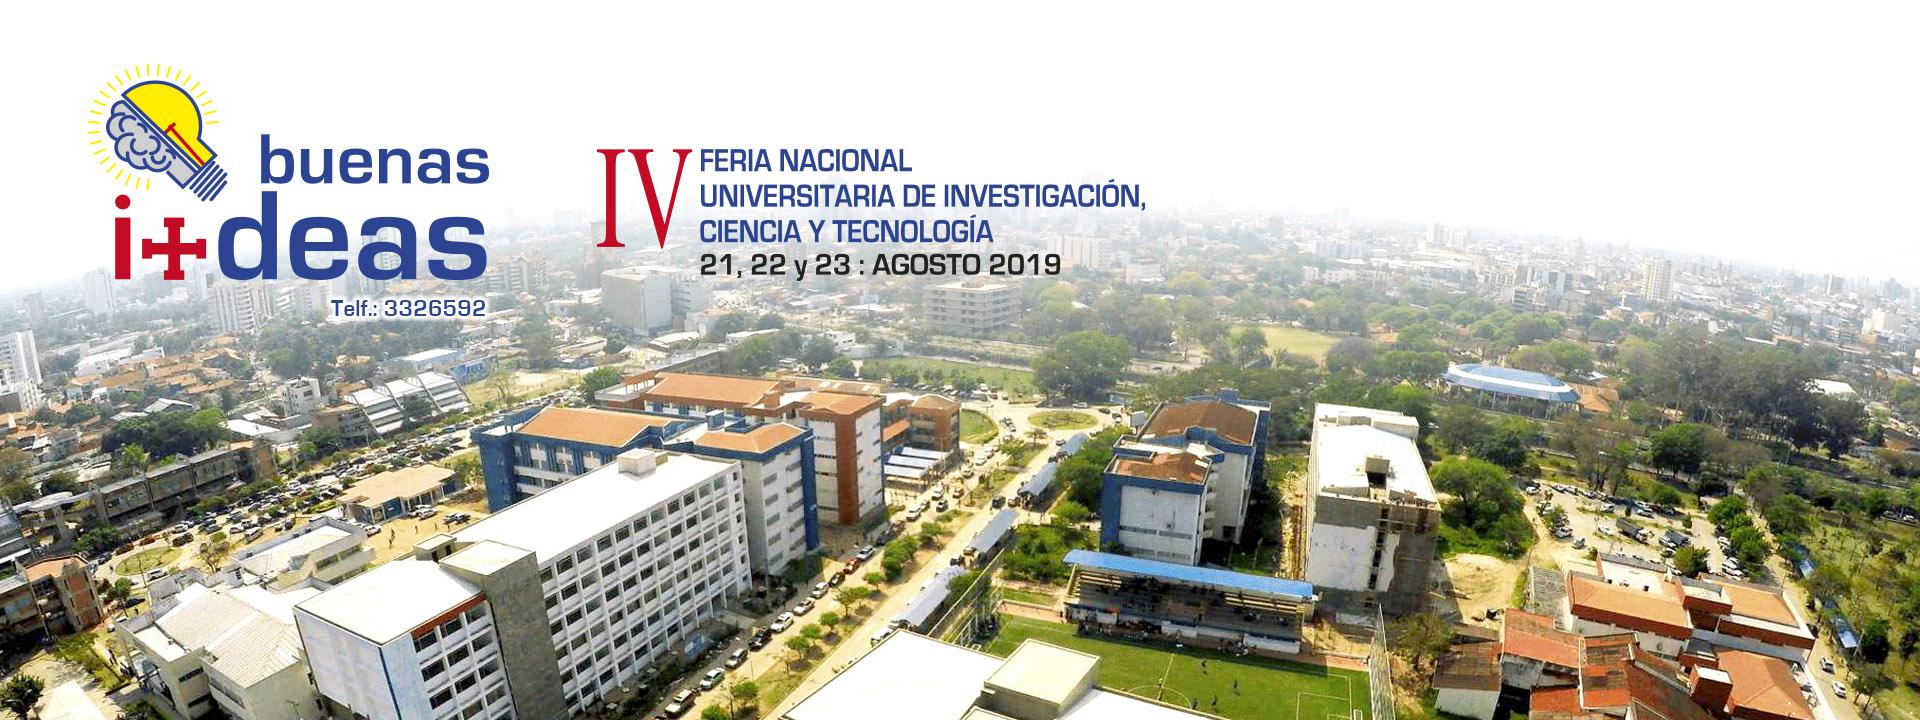 Buenas i+deas 2019